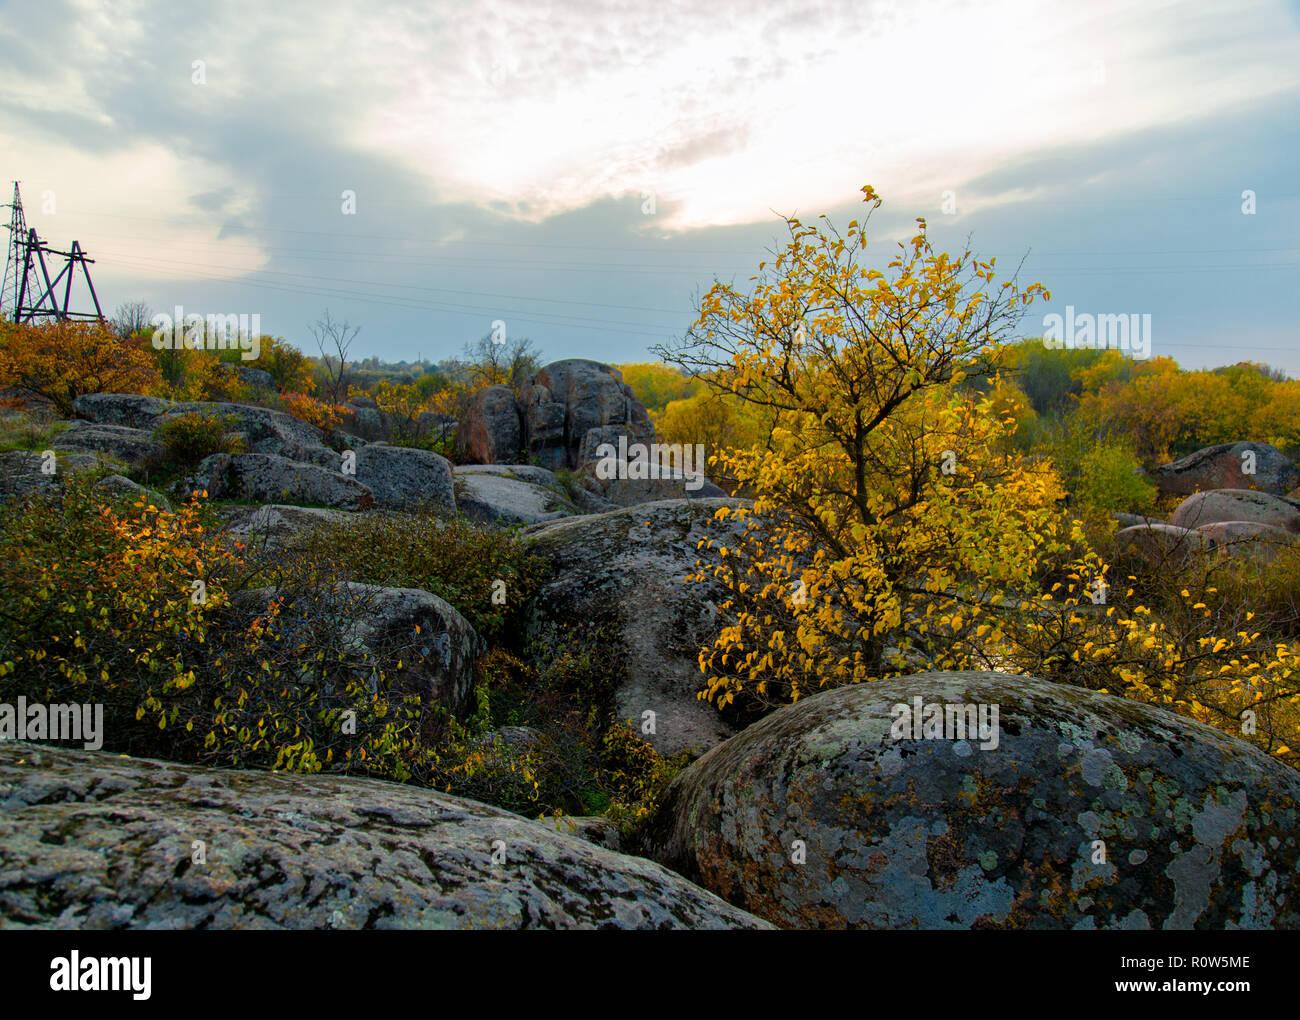 La calma de un remanso del Río Amarillo rodeado de árboles en otoño Foto de stock